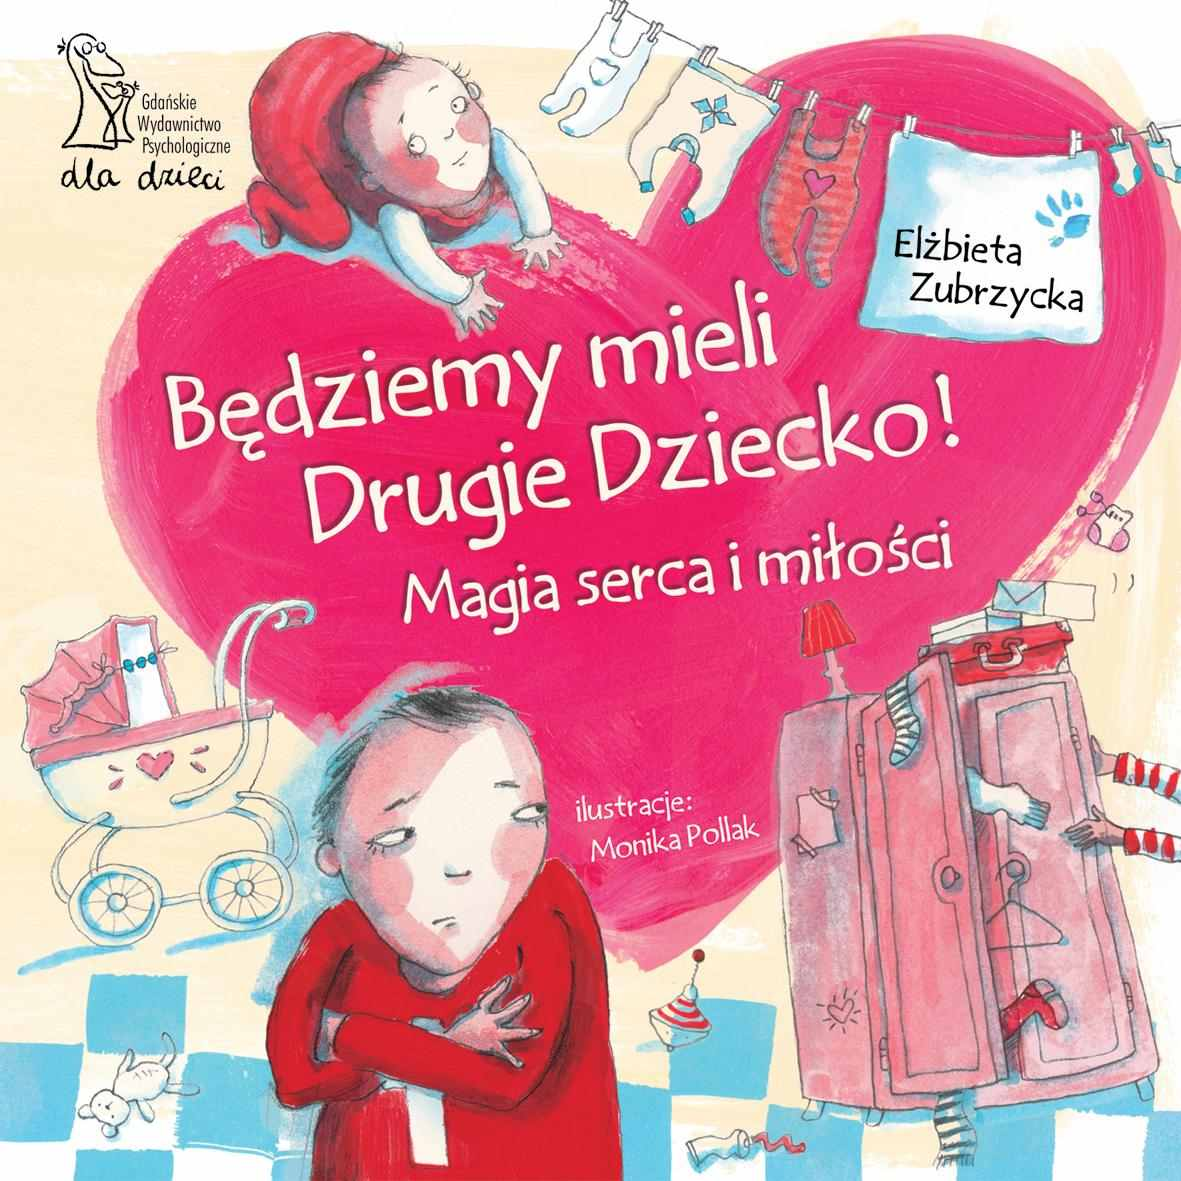 Będziemy mieli drugie dziecko. Magia serca i miłości - Ebook (Książka PDF) do pobrania w formacie PDF